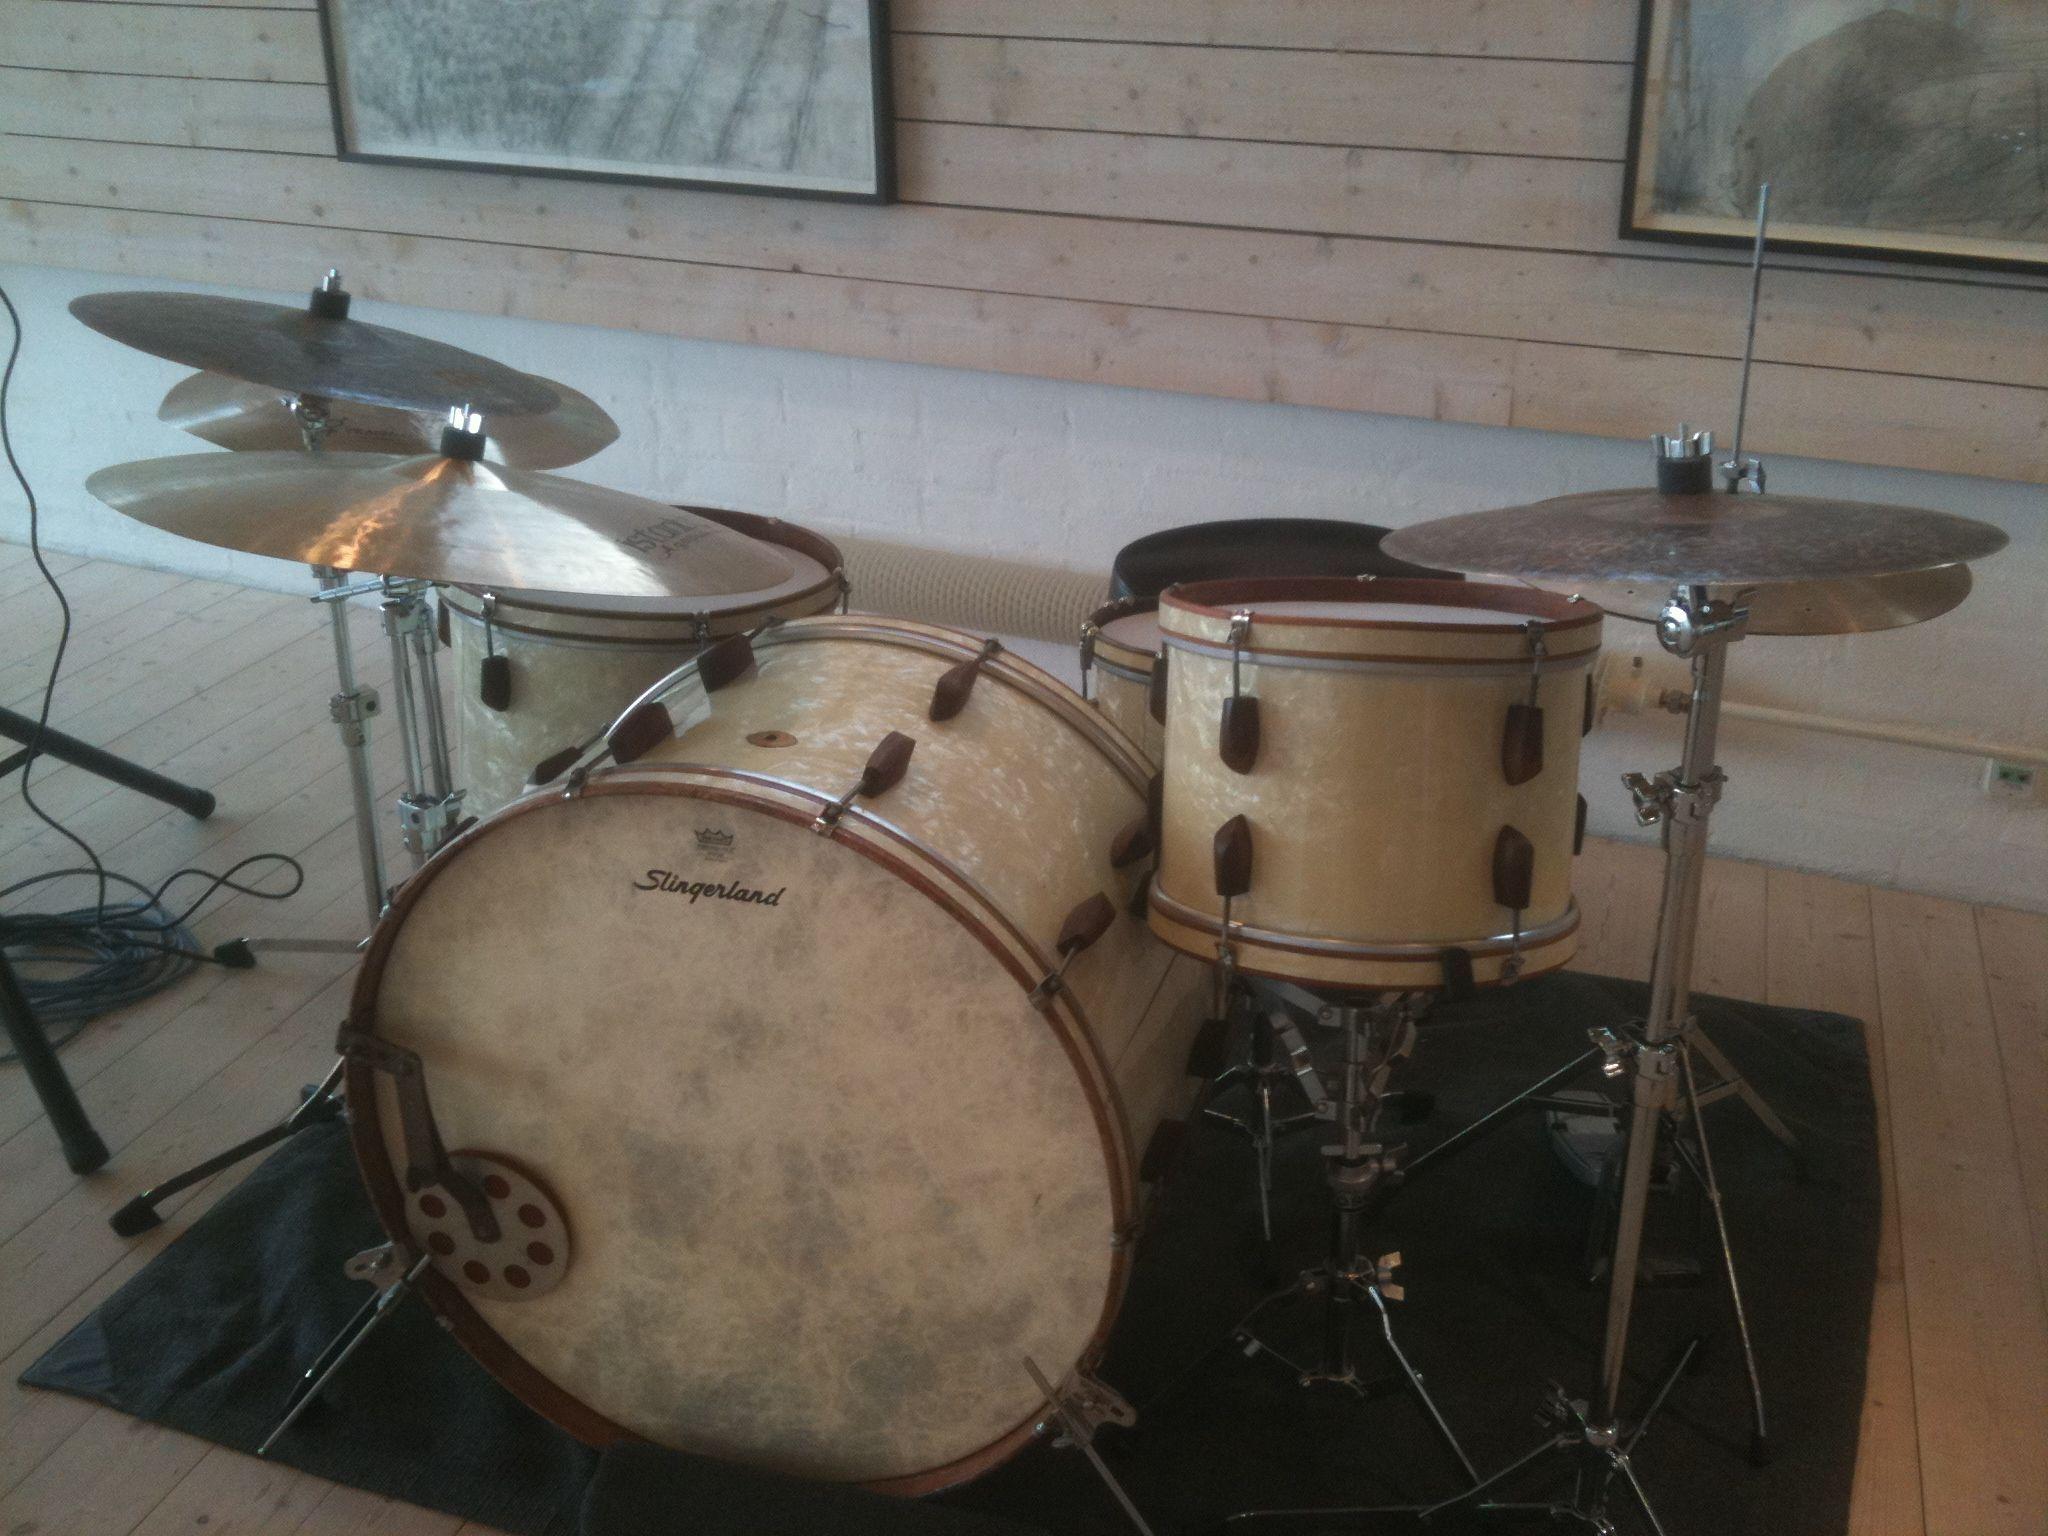 slingerland rolling bomber 1942 setup ideas in 2019 ludwig drums vintage drums drums. Black Bedroom Furniture Sets. Home Design Ideas